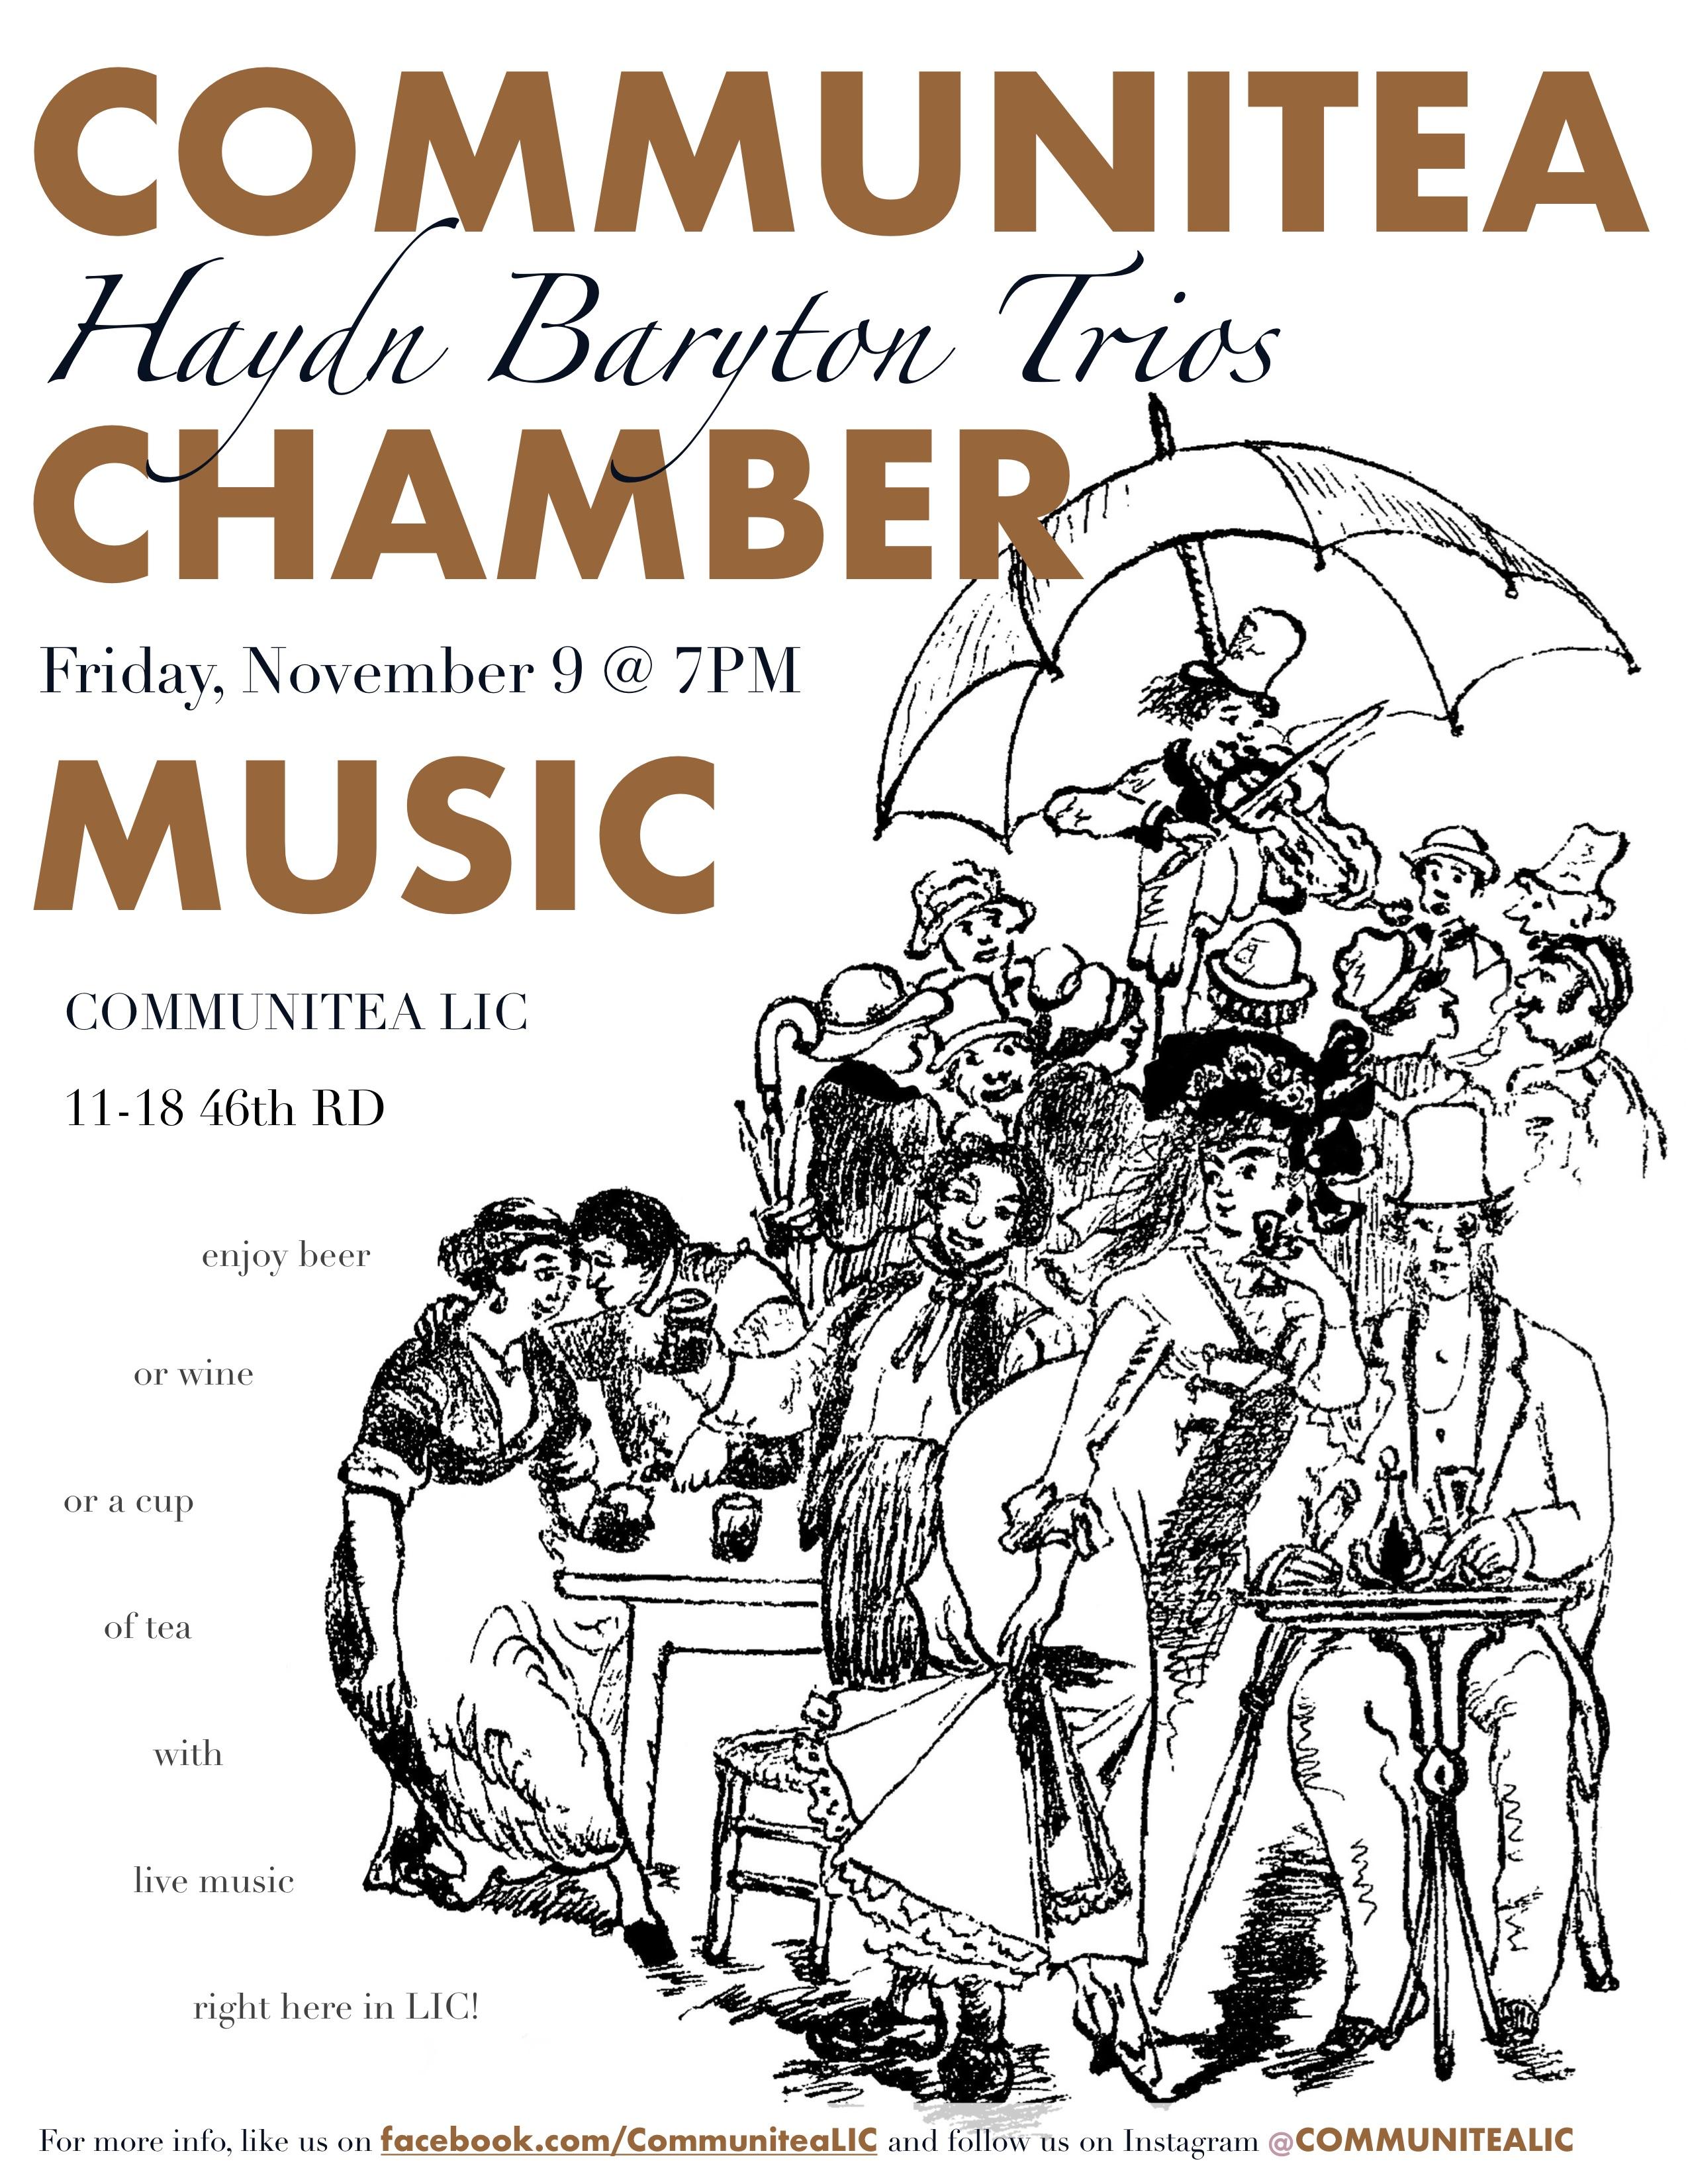 Communitea Chamber Music Poster - 11_18.